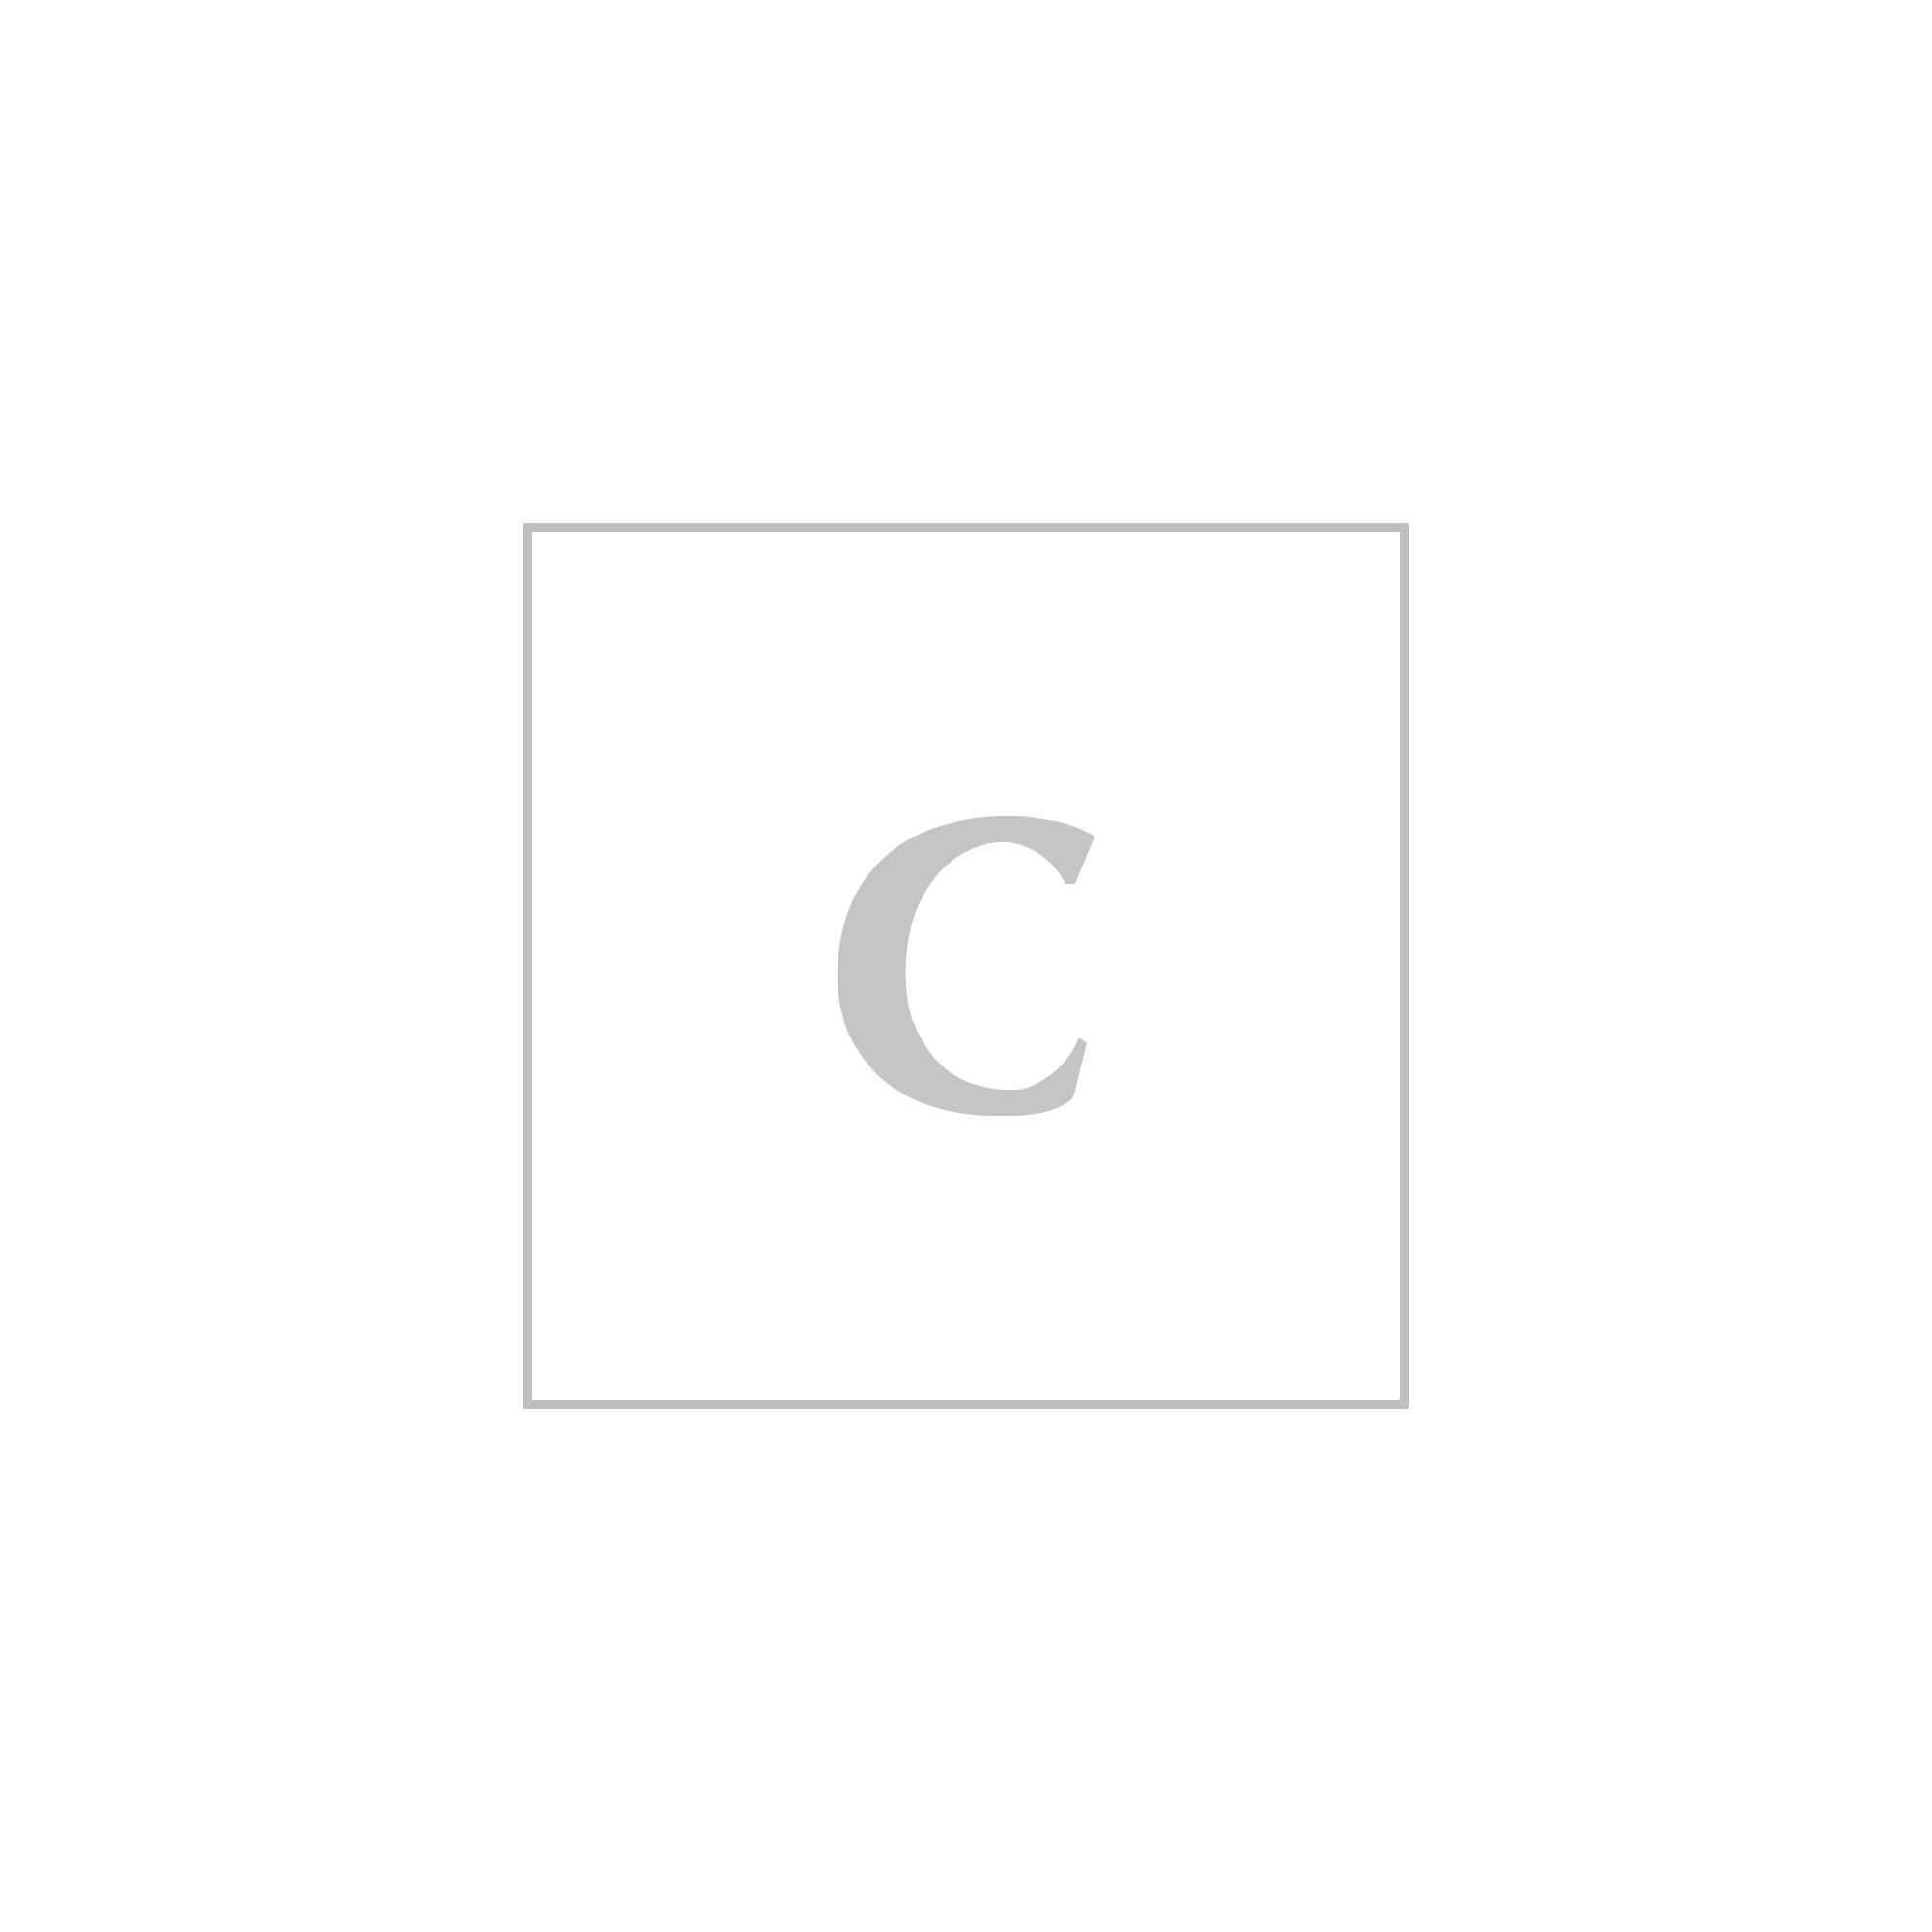 burberry abbigliamento donna t-shirt carrick con coordinate geografiche